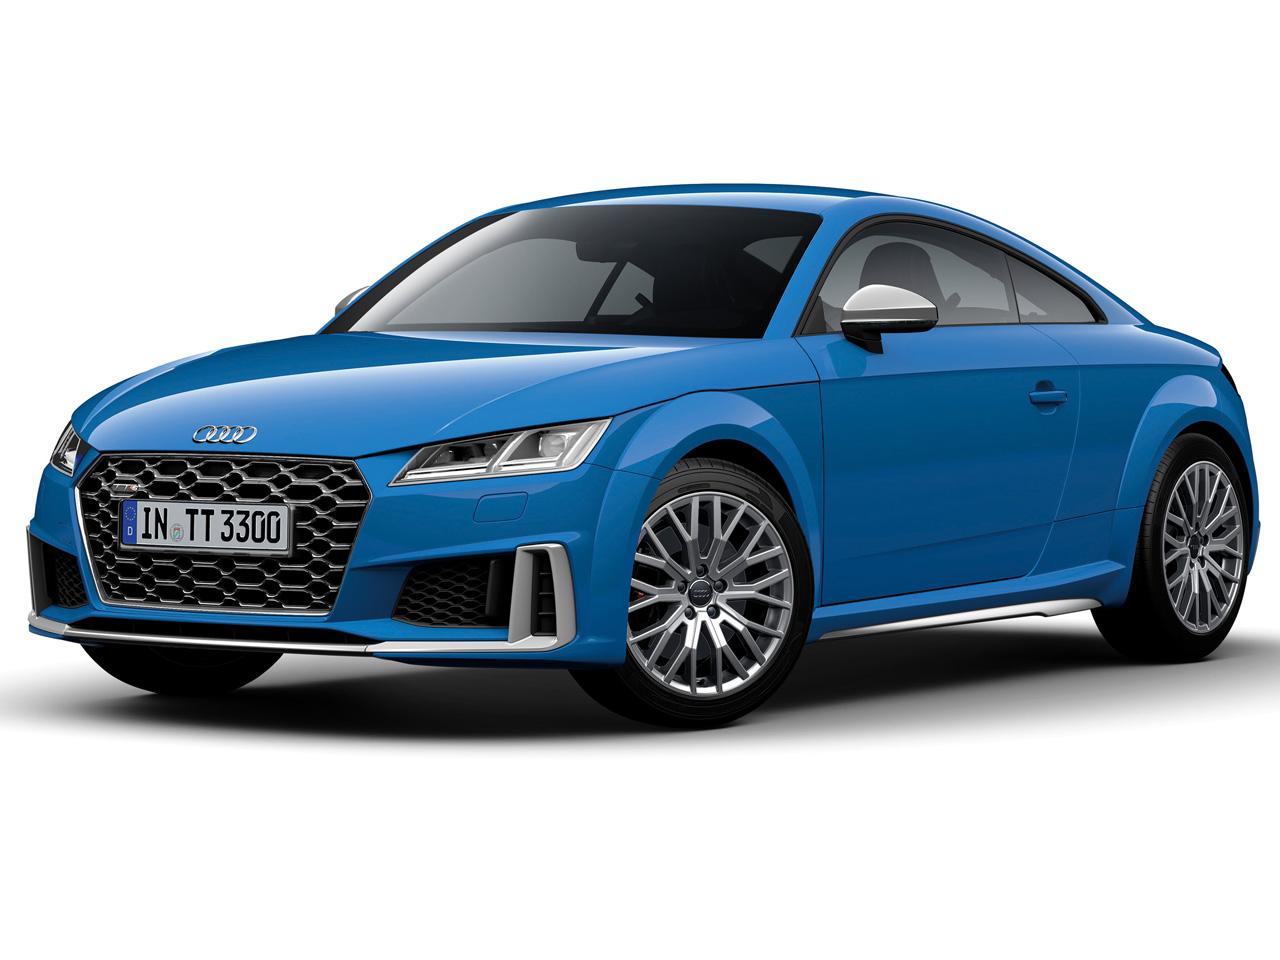 アウディ TTS クーペ 2015年モデル 新車画像